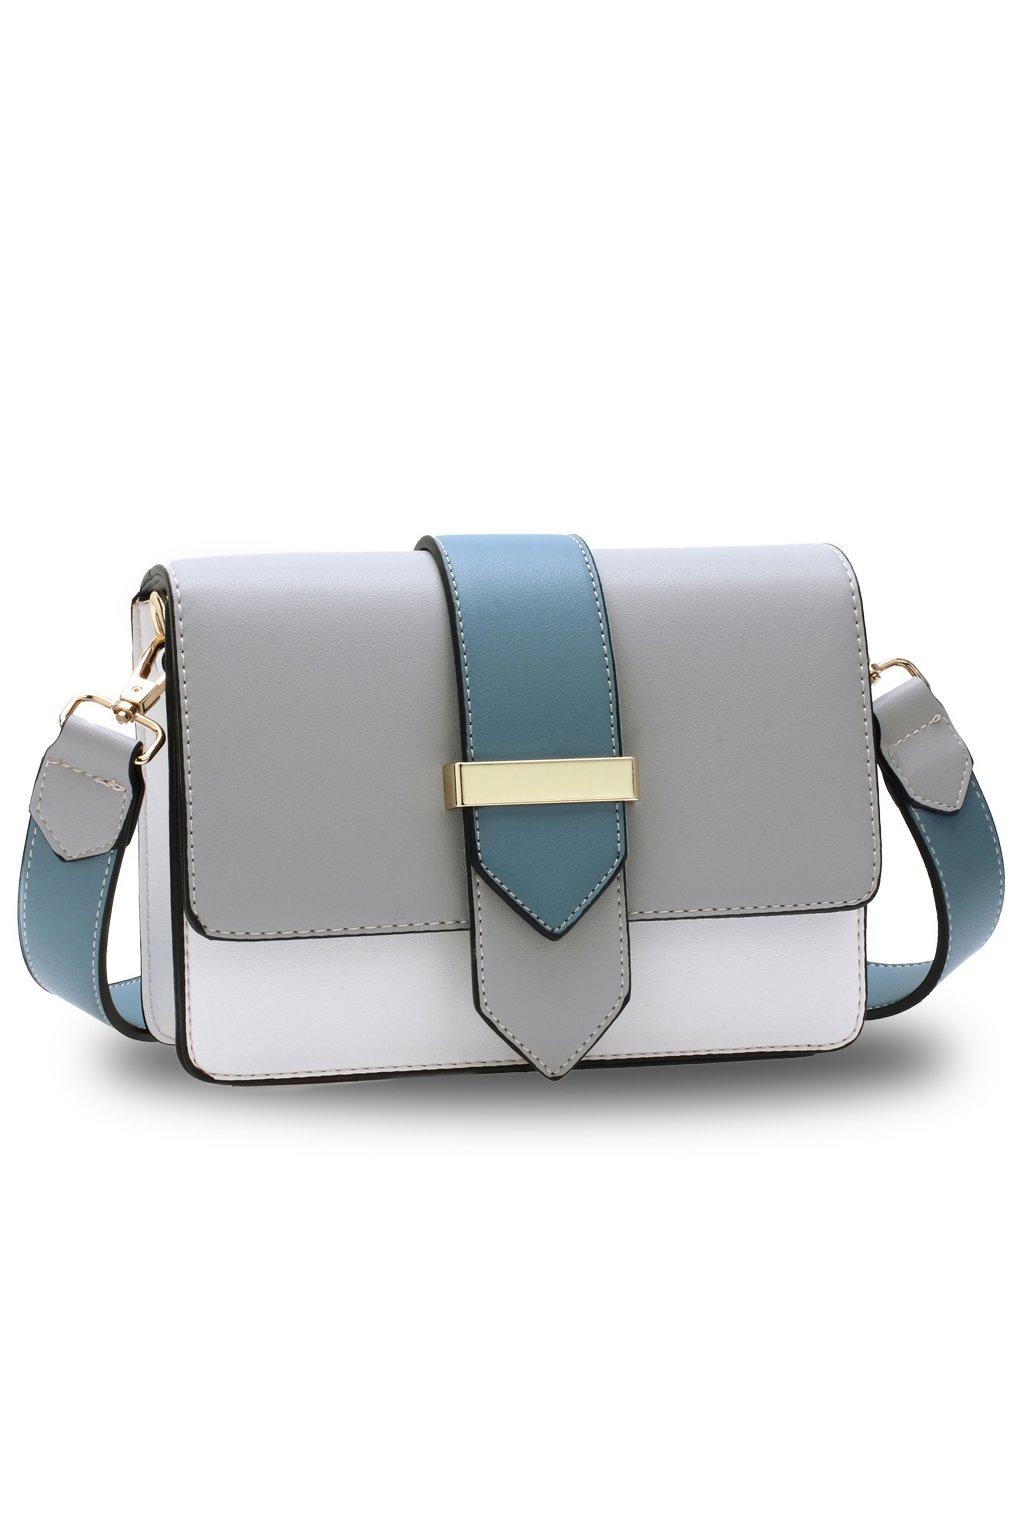 Crossbody kabelka modrá / biela / sivá Kaylee AG00692